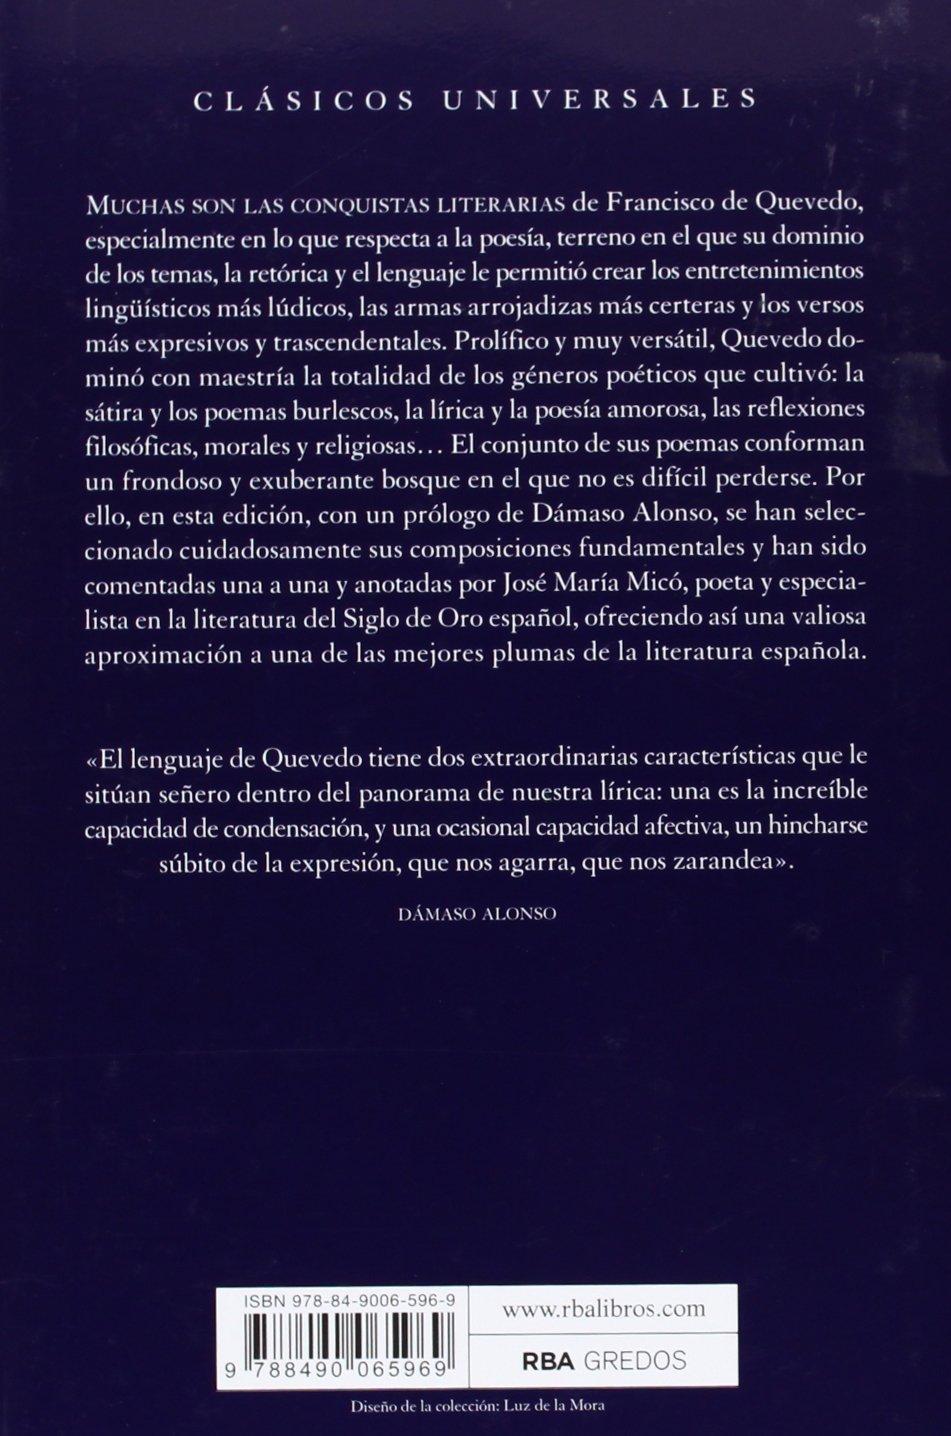 Poesía esencial (OTROS FICCION): Amazon.es: DE QUEVEDO, FRANCISCO: Libros